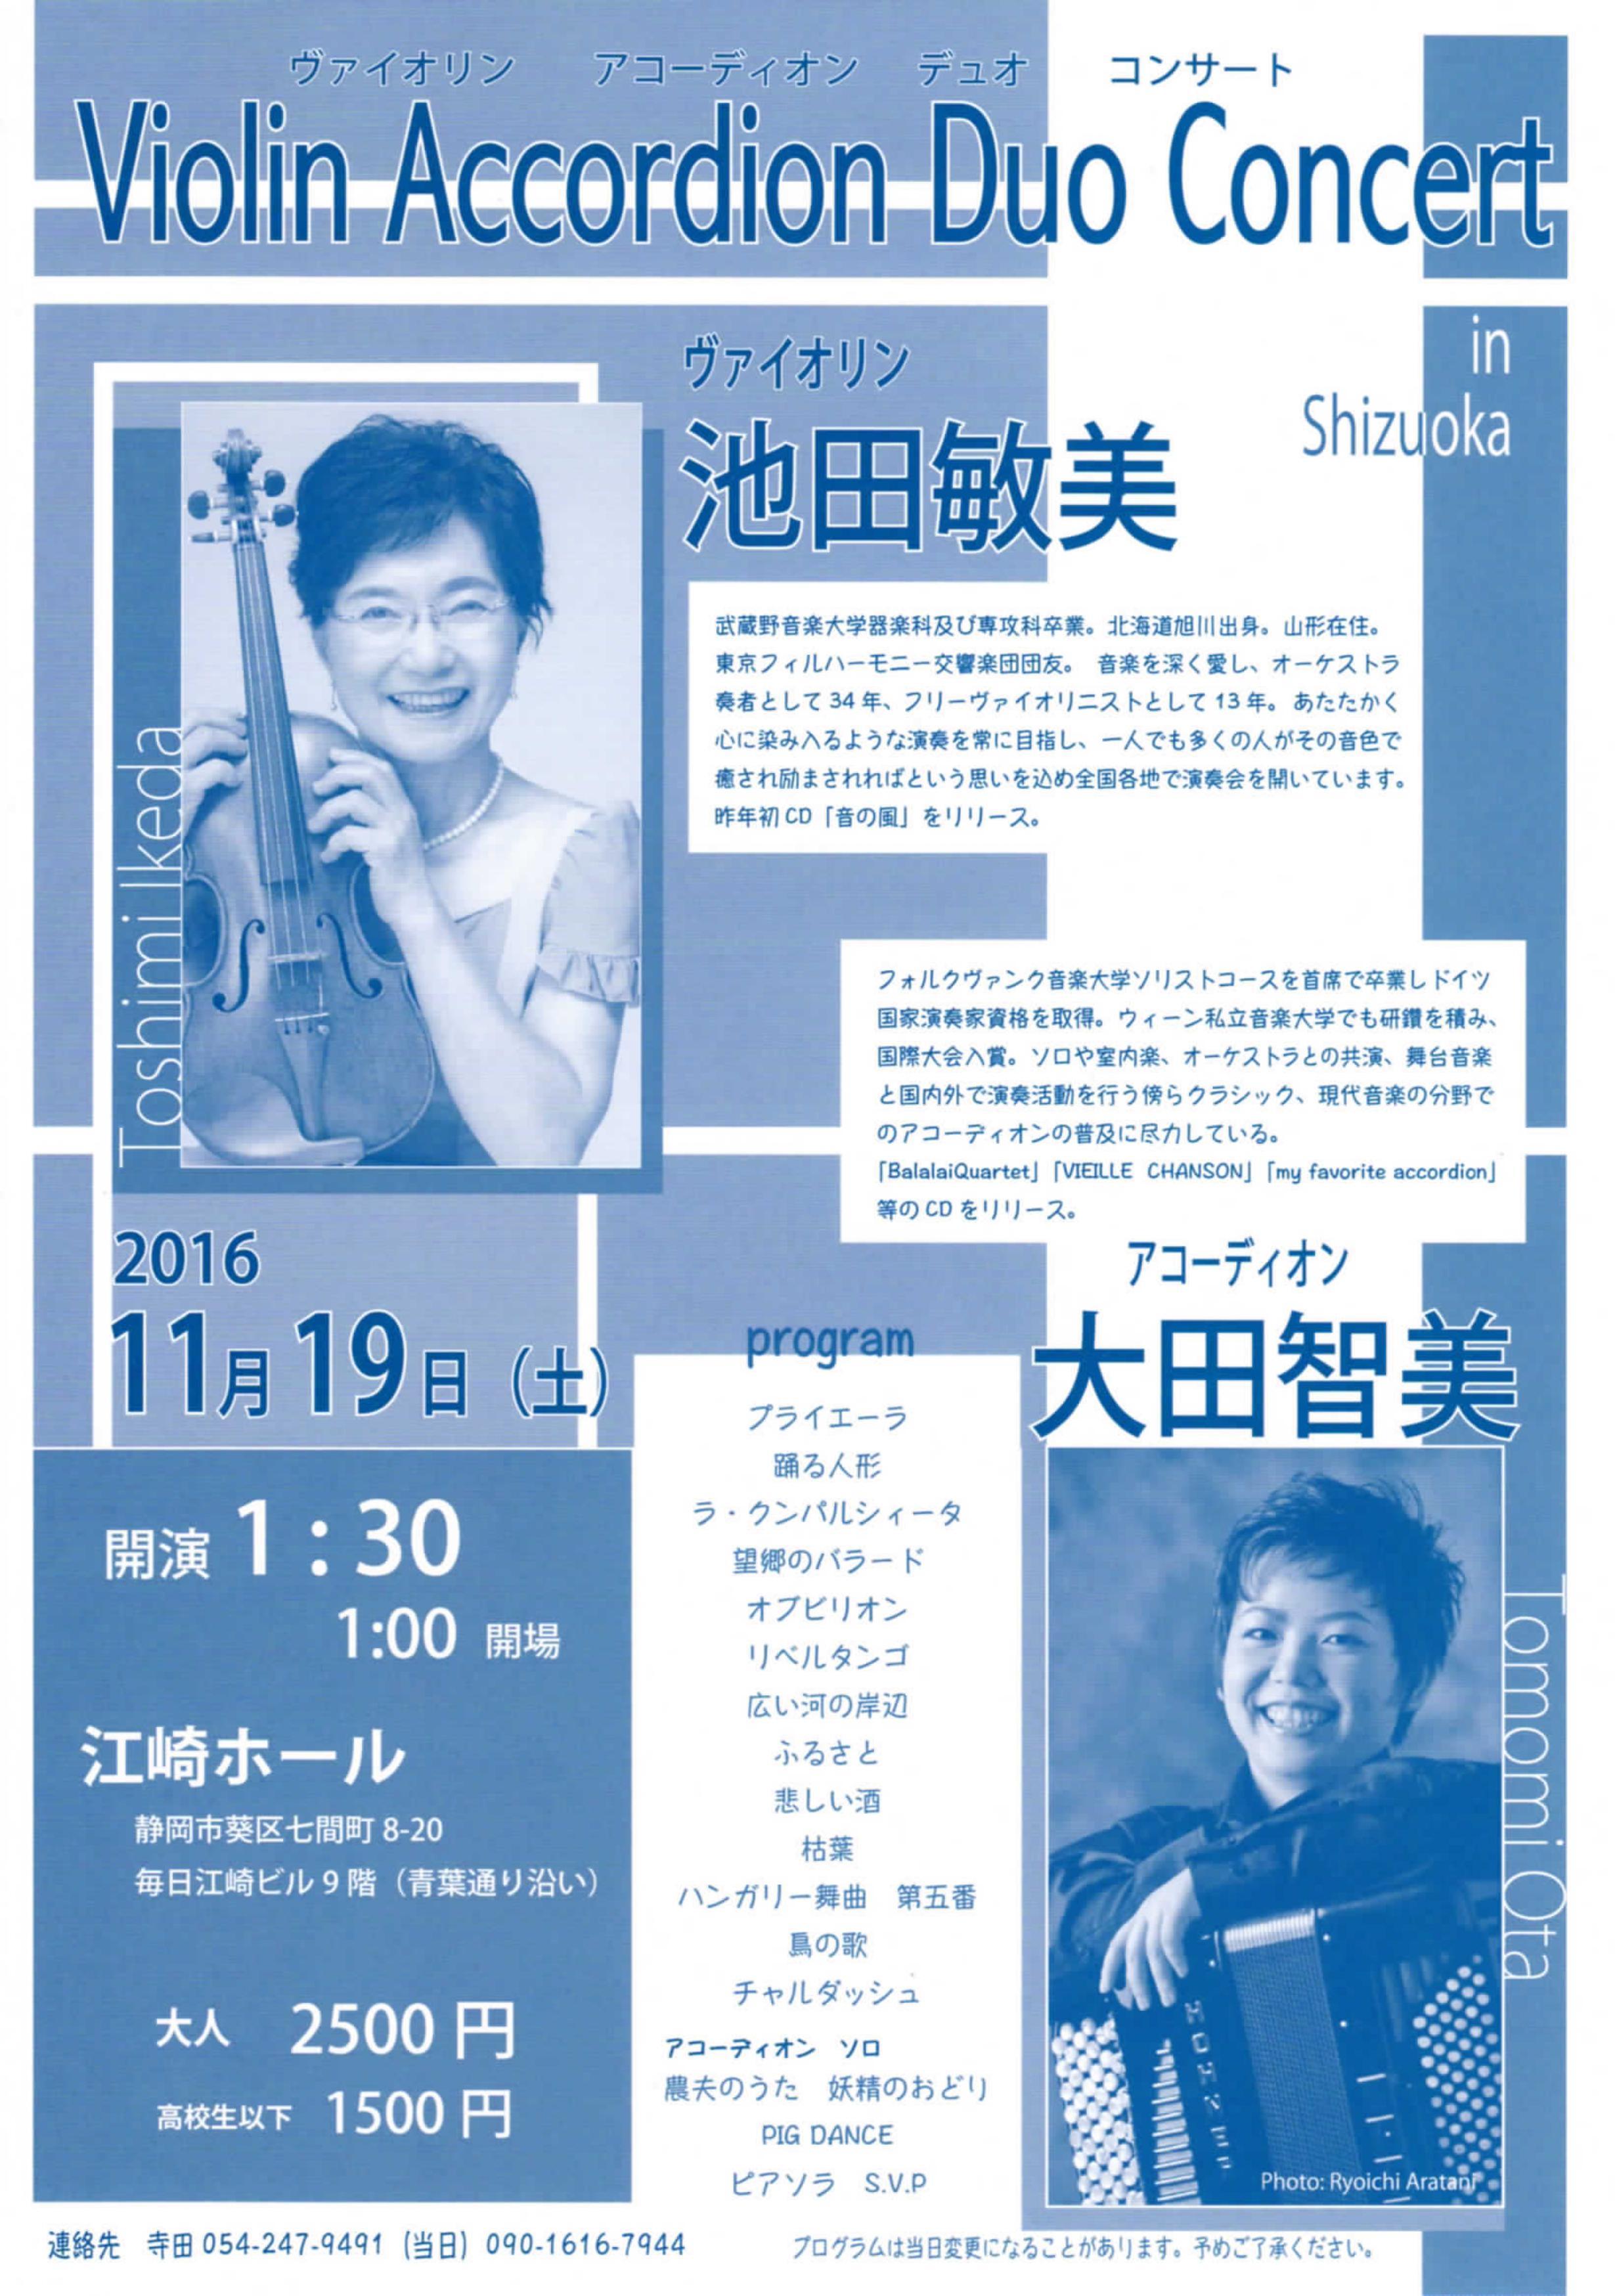 静岡デュオコンサート チラシ